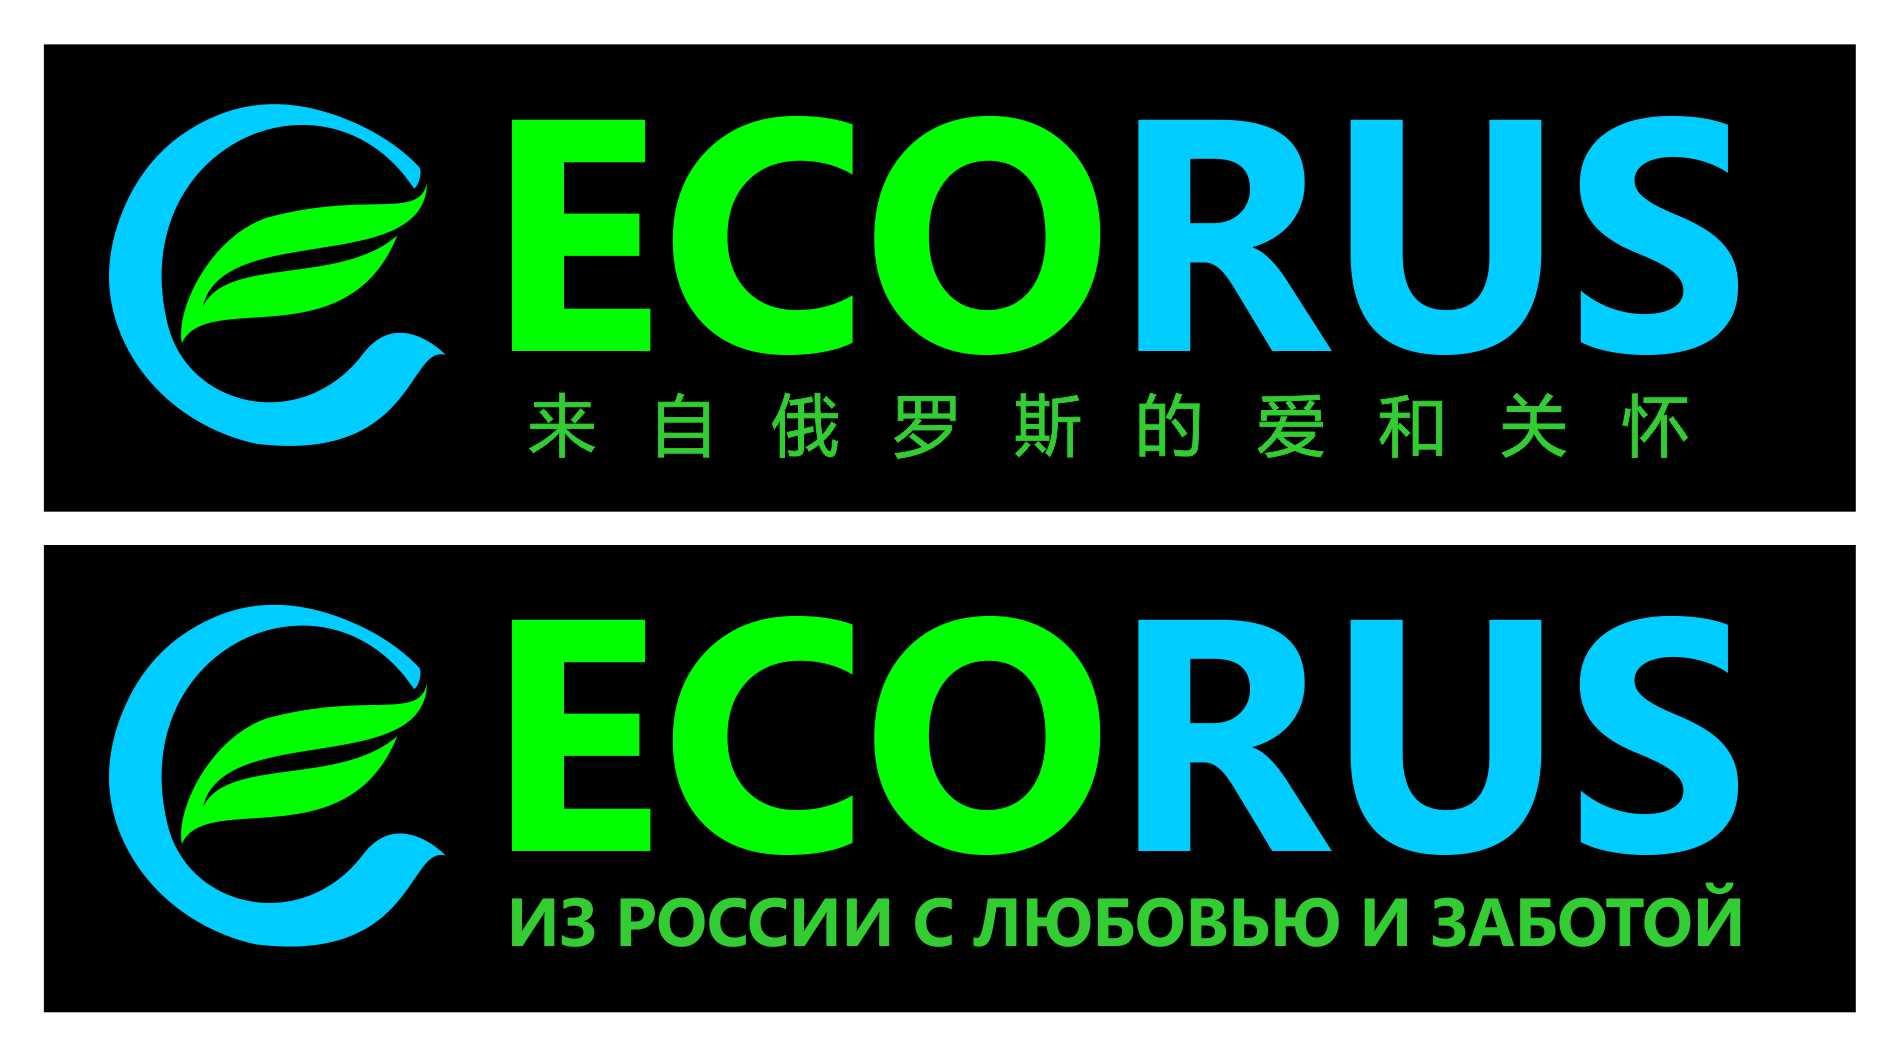 Логотип для поставщика продуктов питания из России в Китай фото f_6115eb339e2ca839.jpg